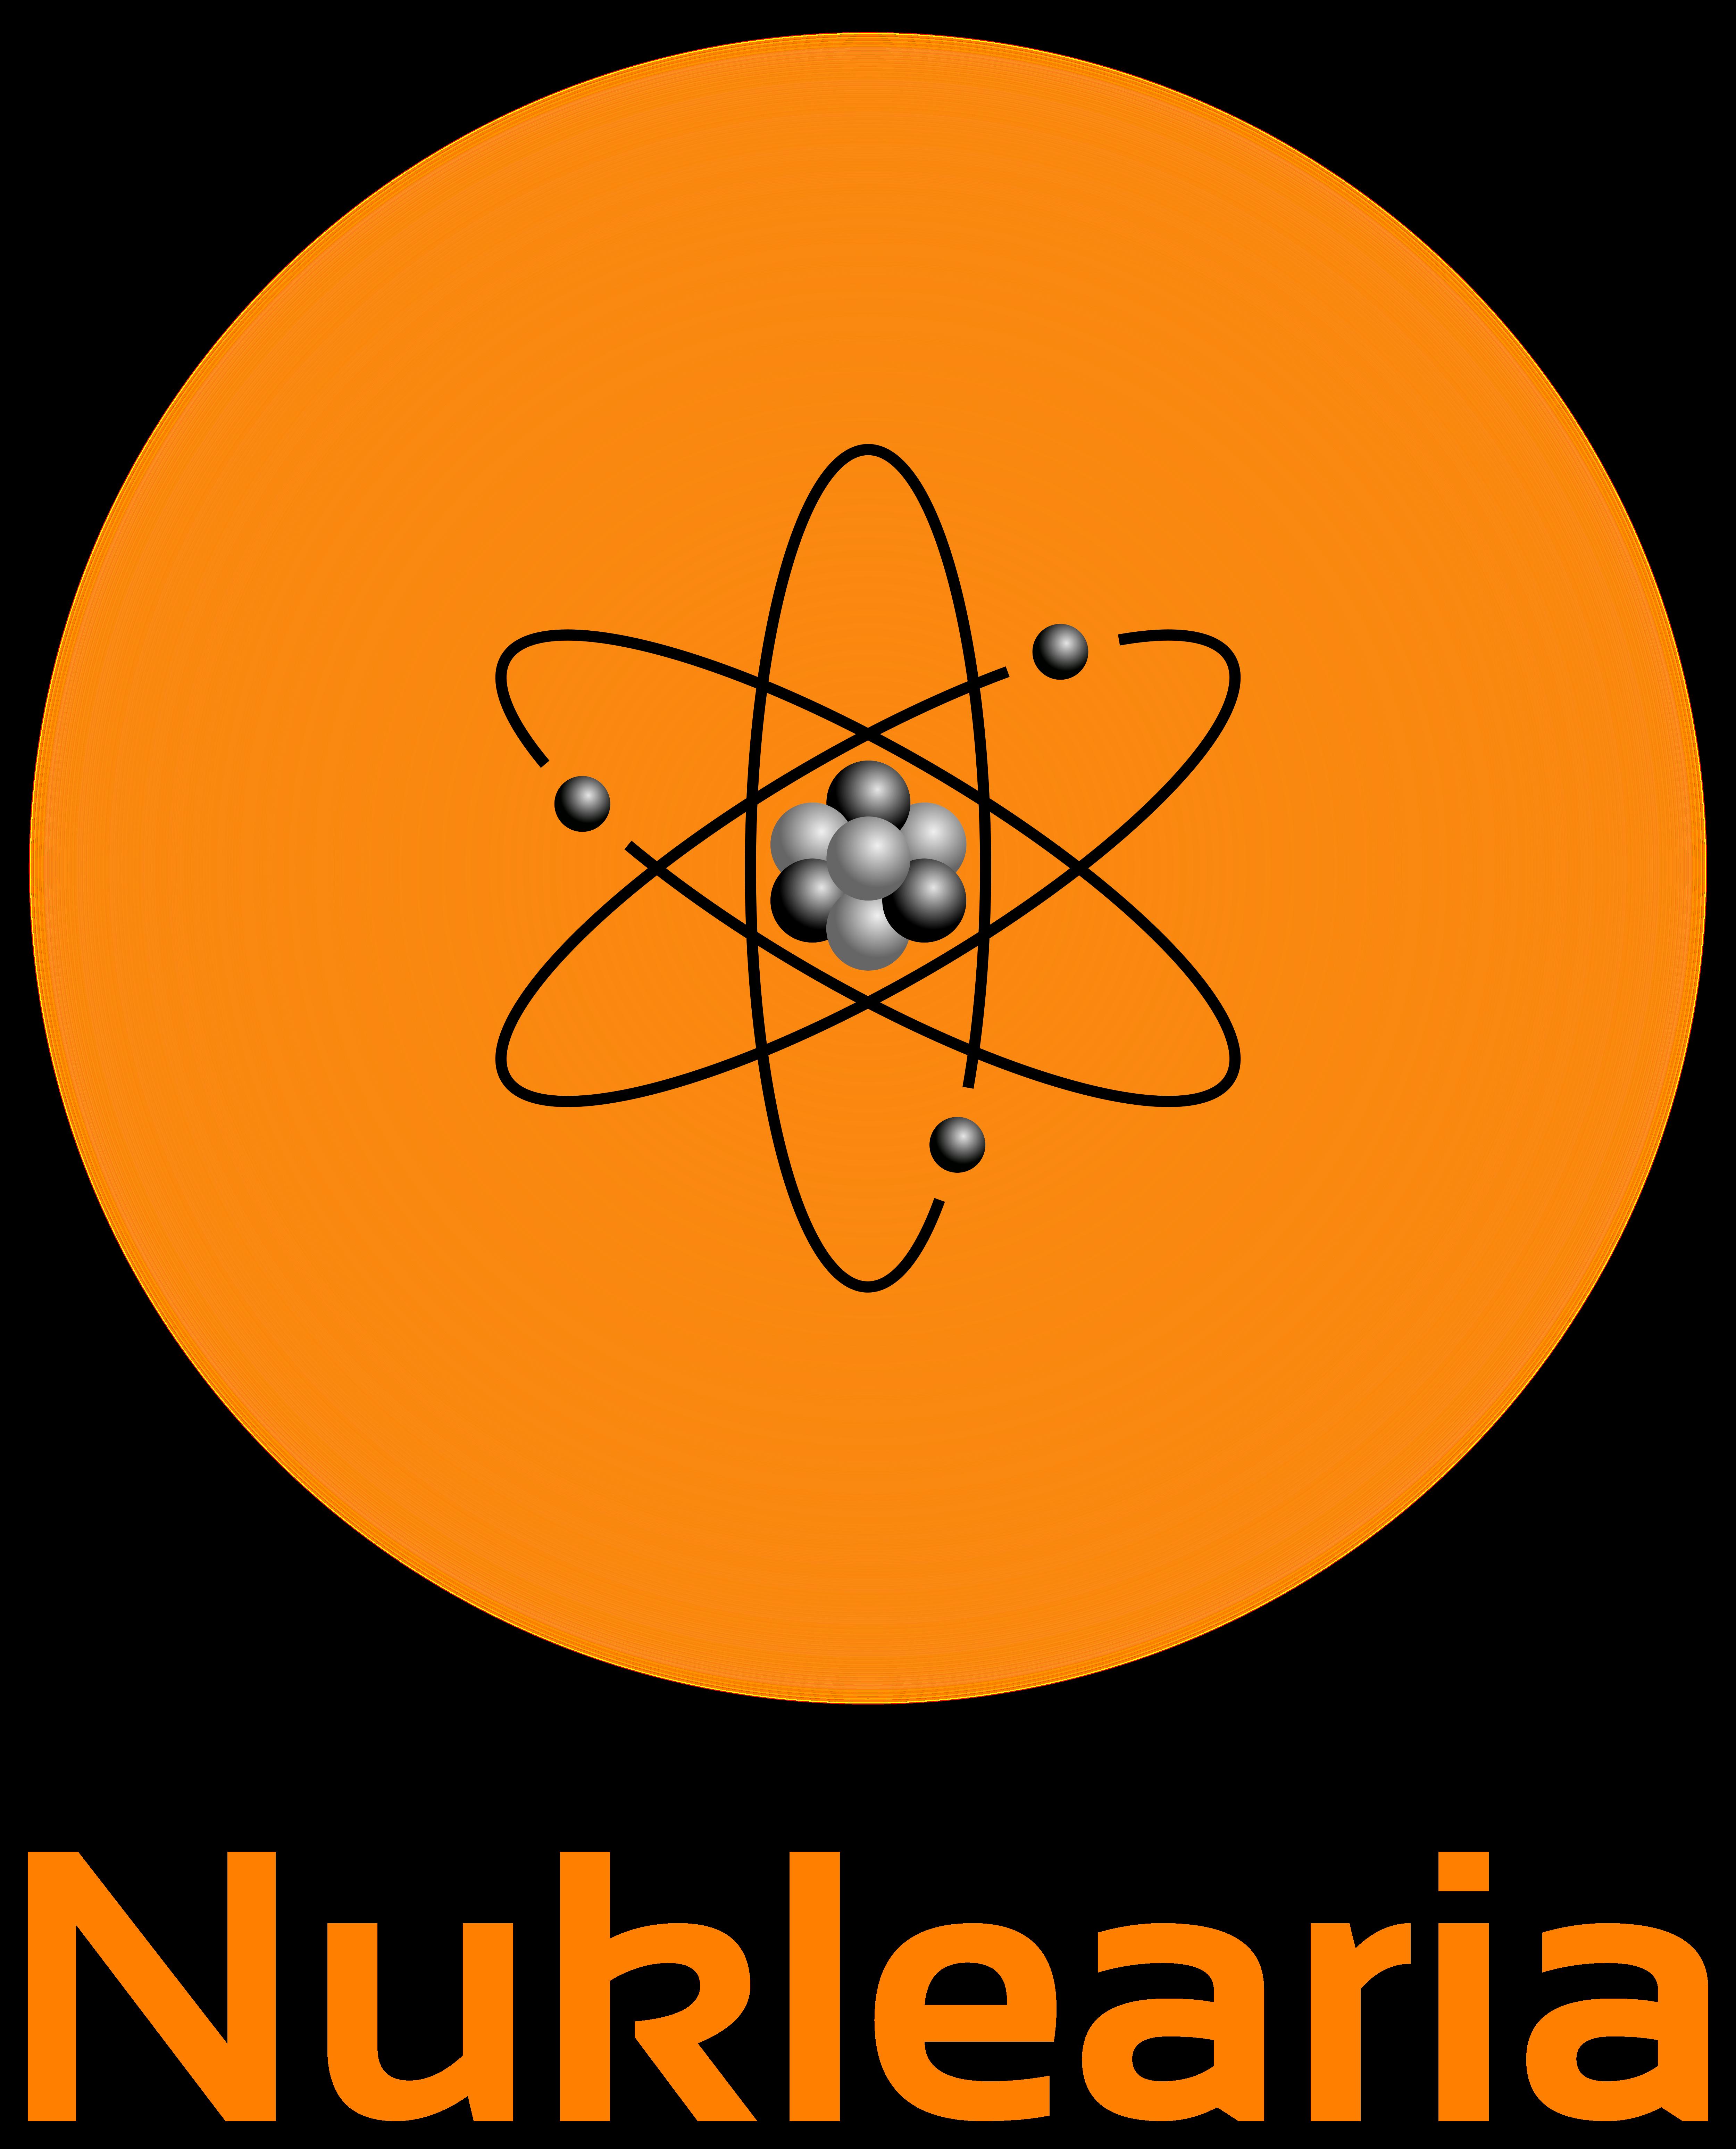 Nuklearia_Wortbildmarke_hoch_auf_transparent_w5000